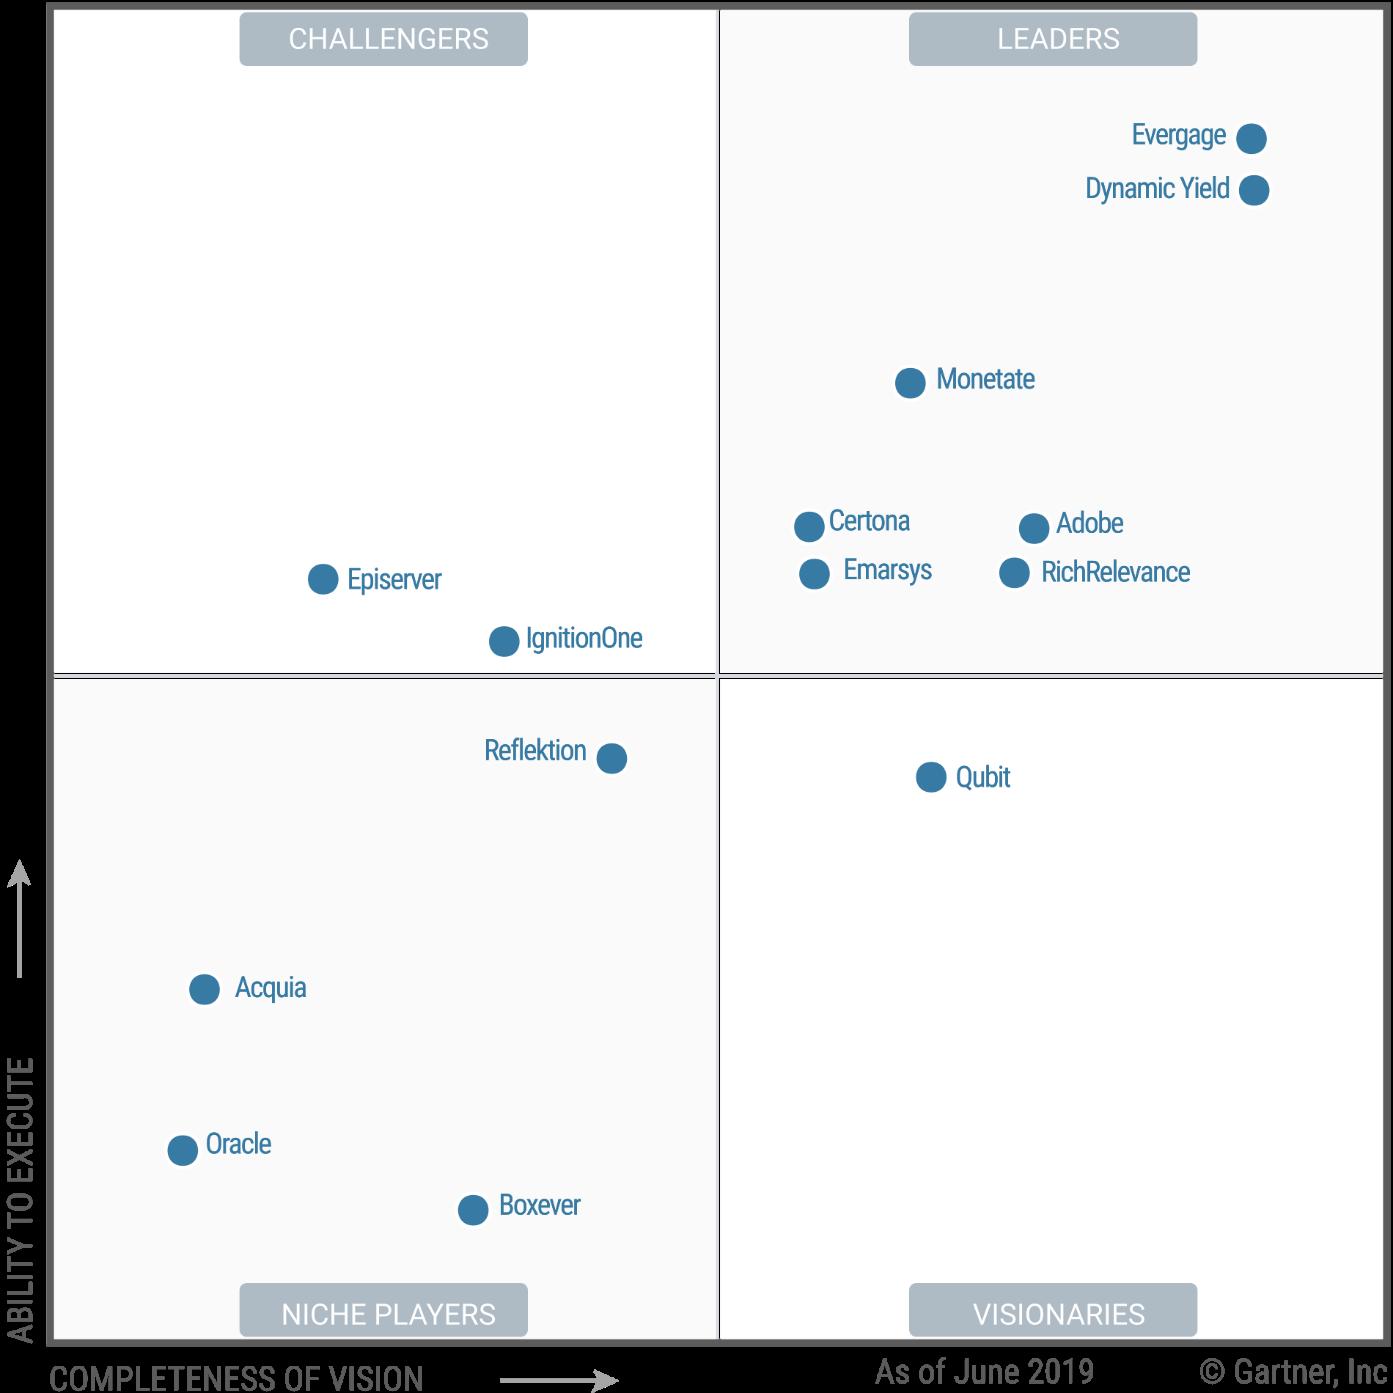 Salesforce (Evergage) —лидер в области систем персонализации в рейтинге Gartner Magic Quadrant 2020